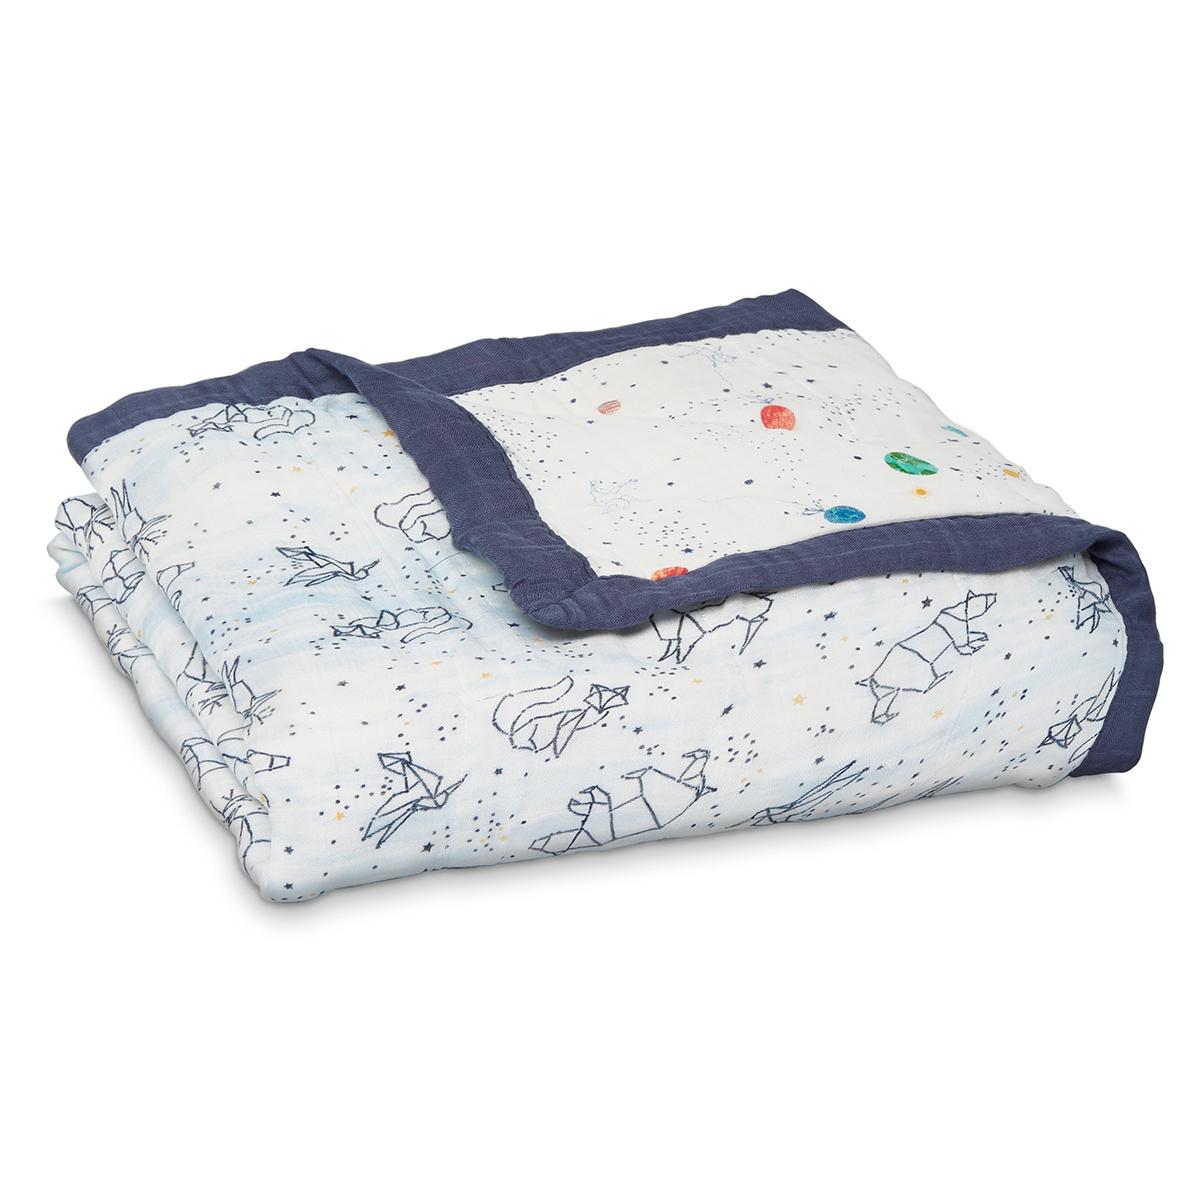 Linge de lit Couverture de Rêve Silky Soft - Stargaze Couverture de Rêve Silky Soft - Stargaze